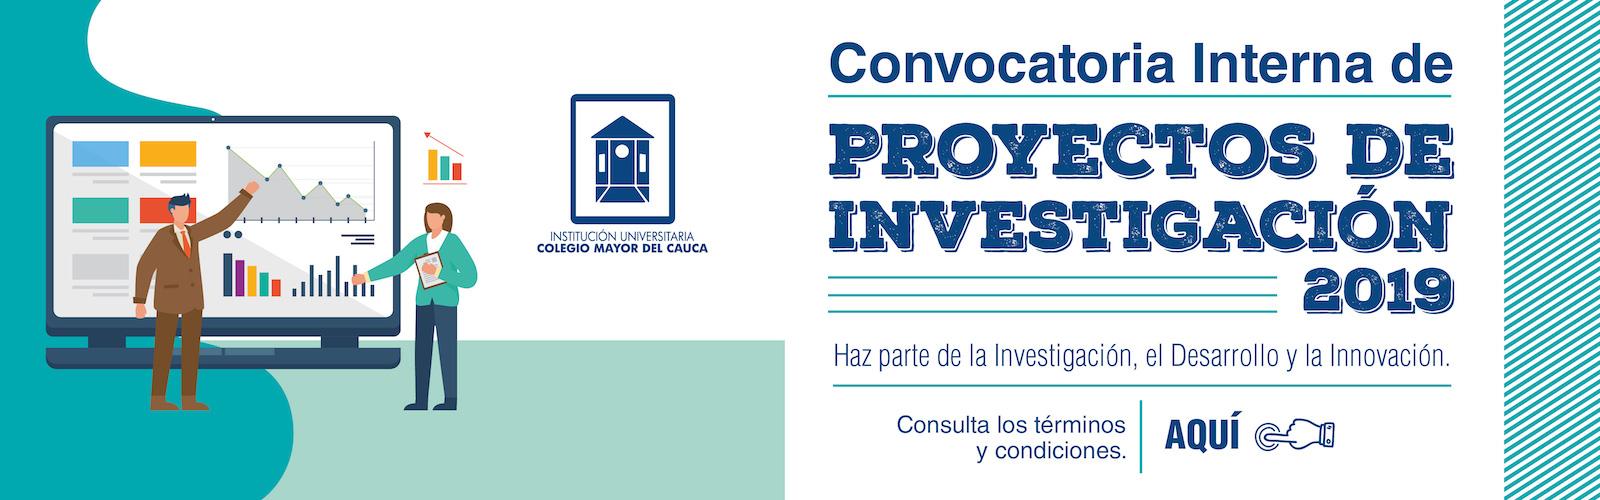 Proy_de_Investigacion_2019_Banner